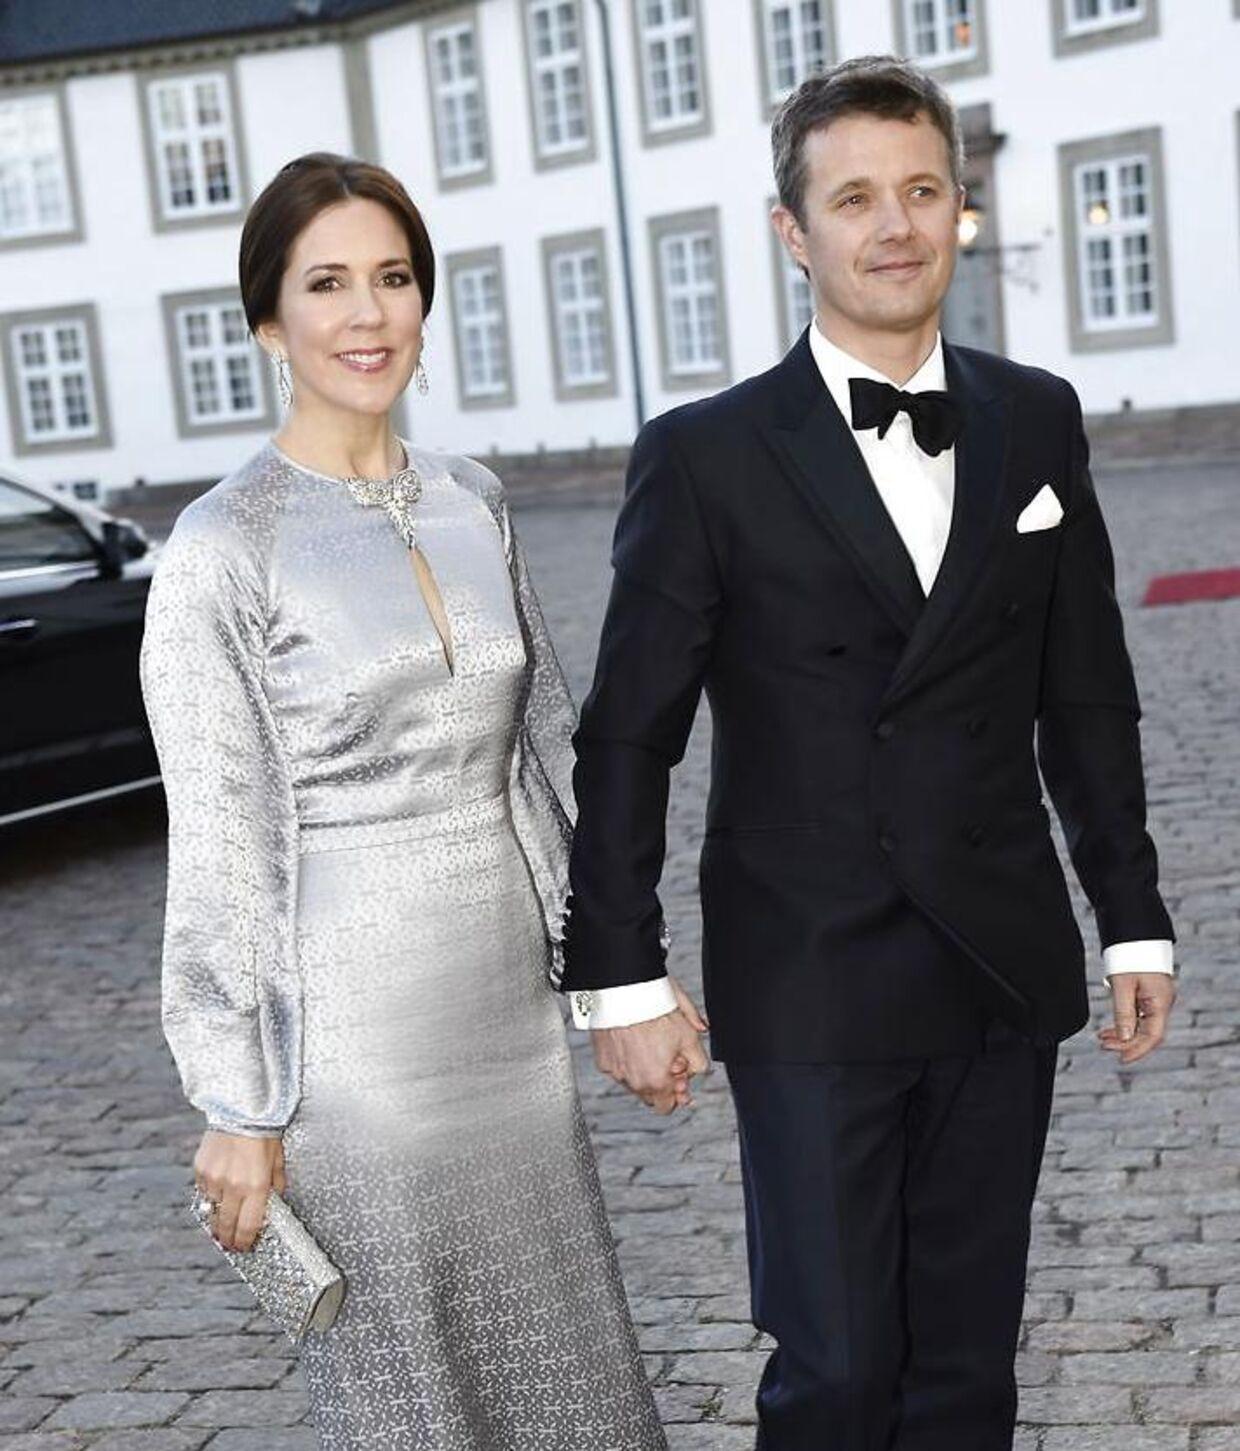 Kronprins Frederik og Kronprinsesse Mary ankommer til middag på Fredensborg Slot i anledning af Dronning Margrethes fødselsdag i 2015.